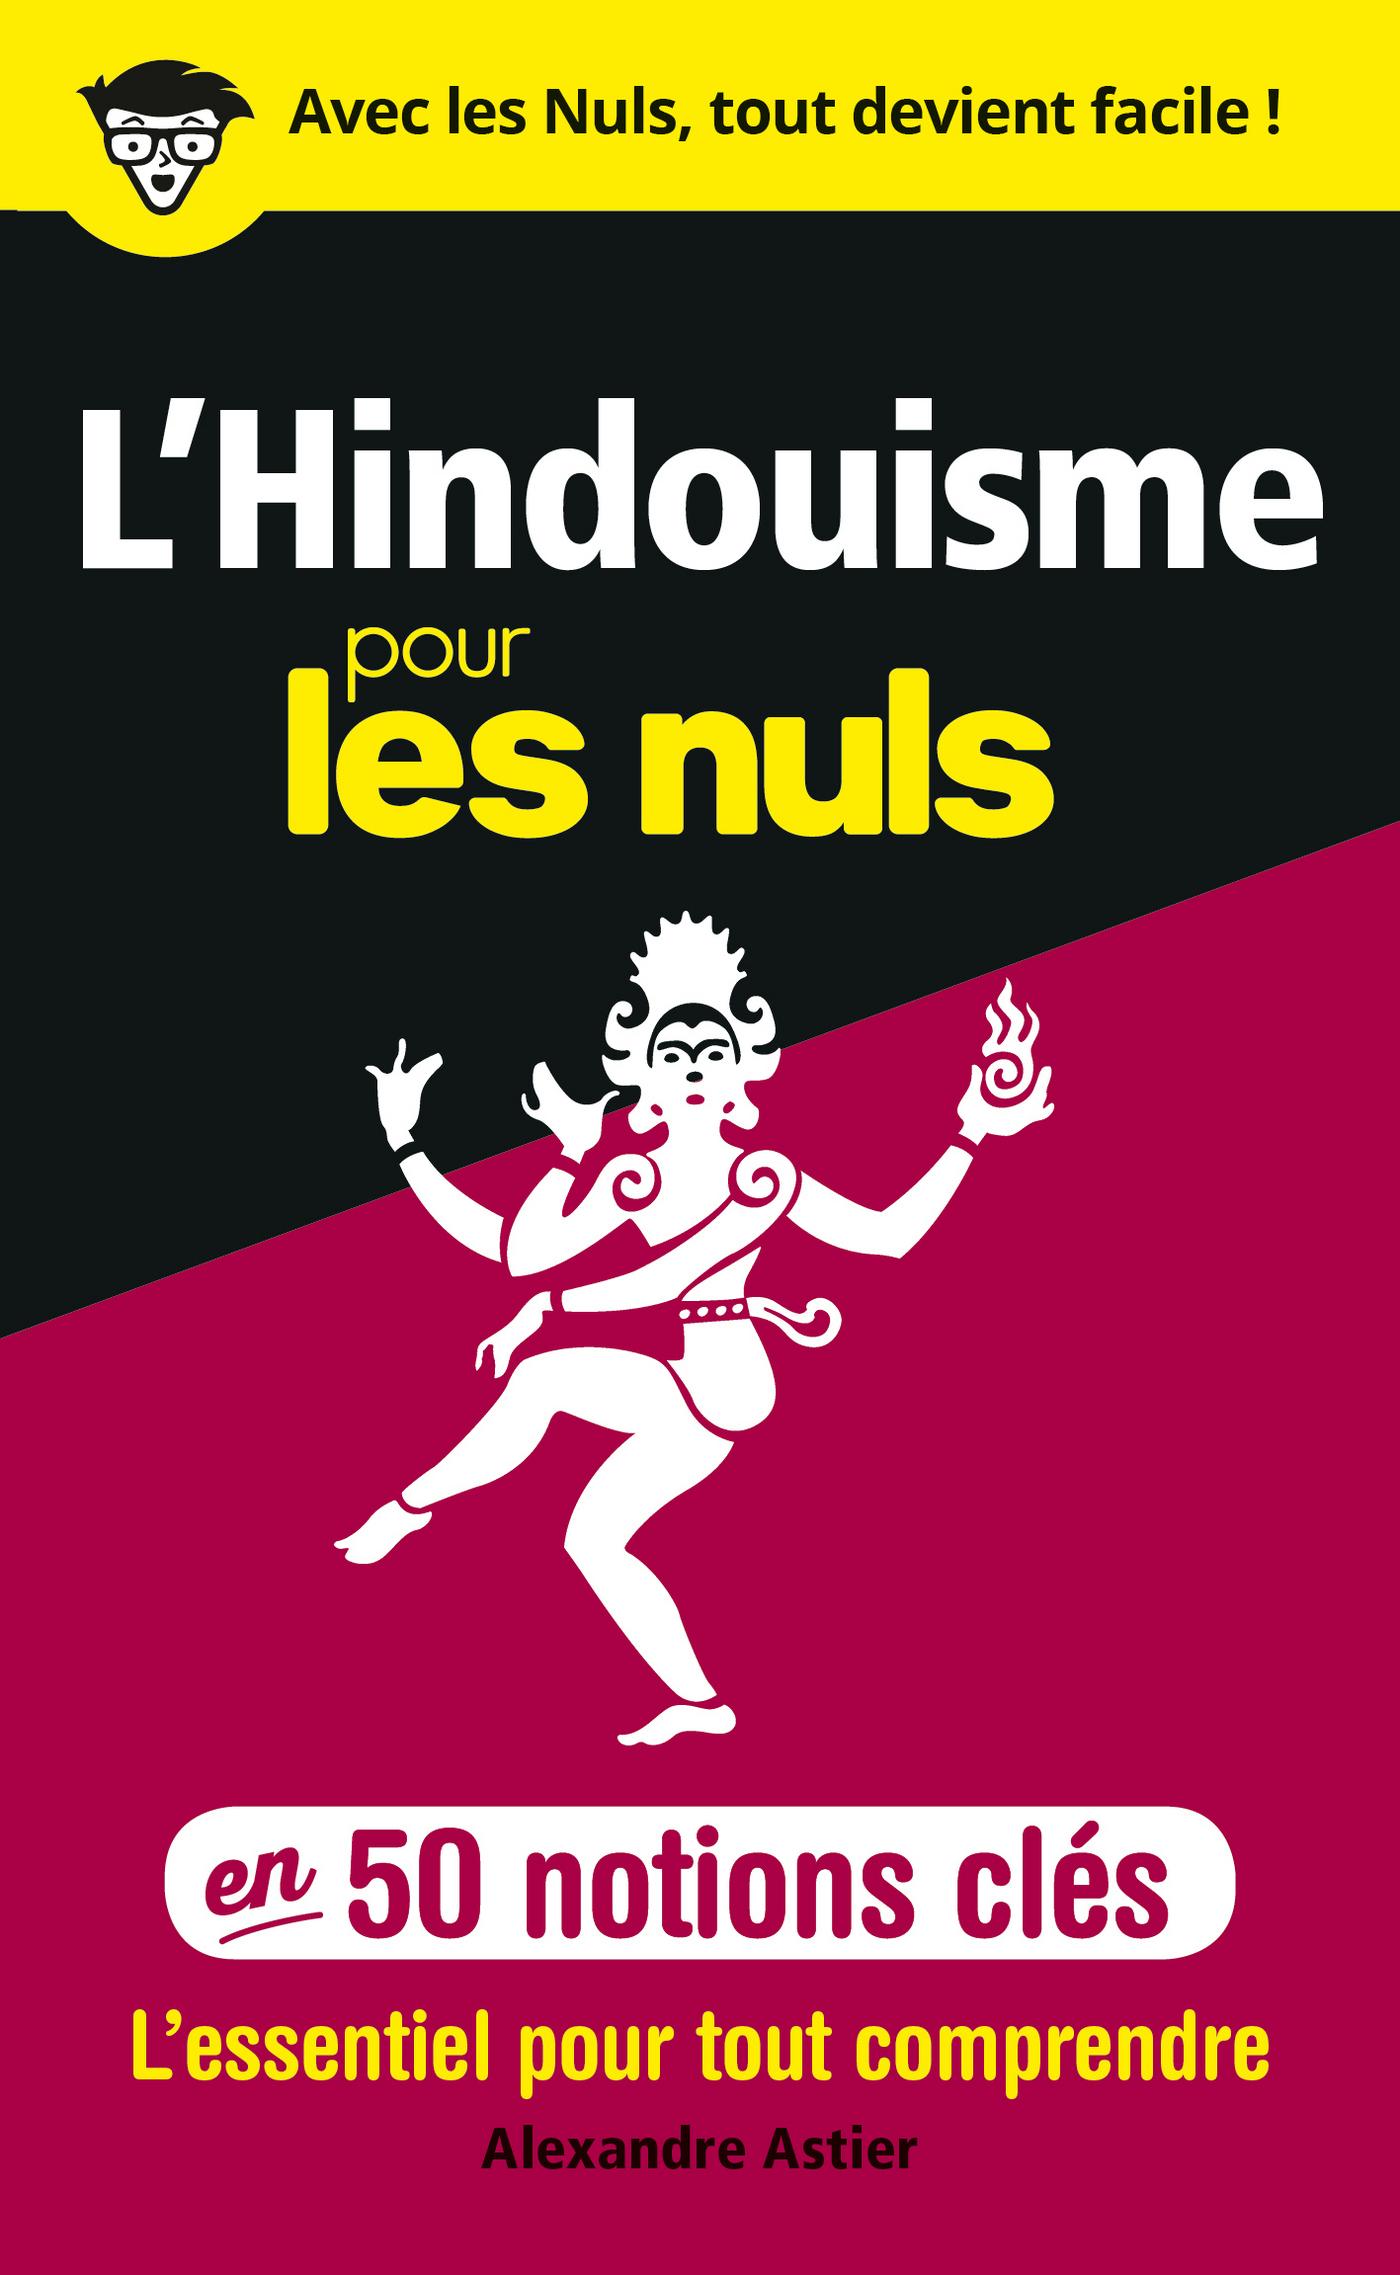 L'HINDOUISME POUR LES NULS EN 50 NOTIONS CLES